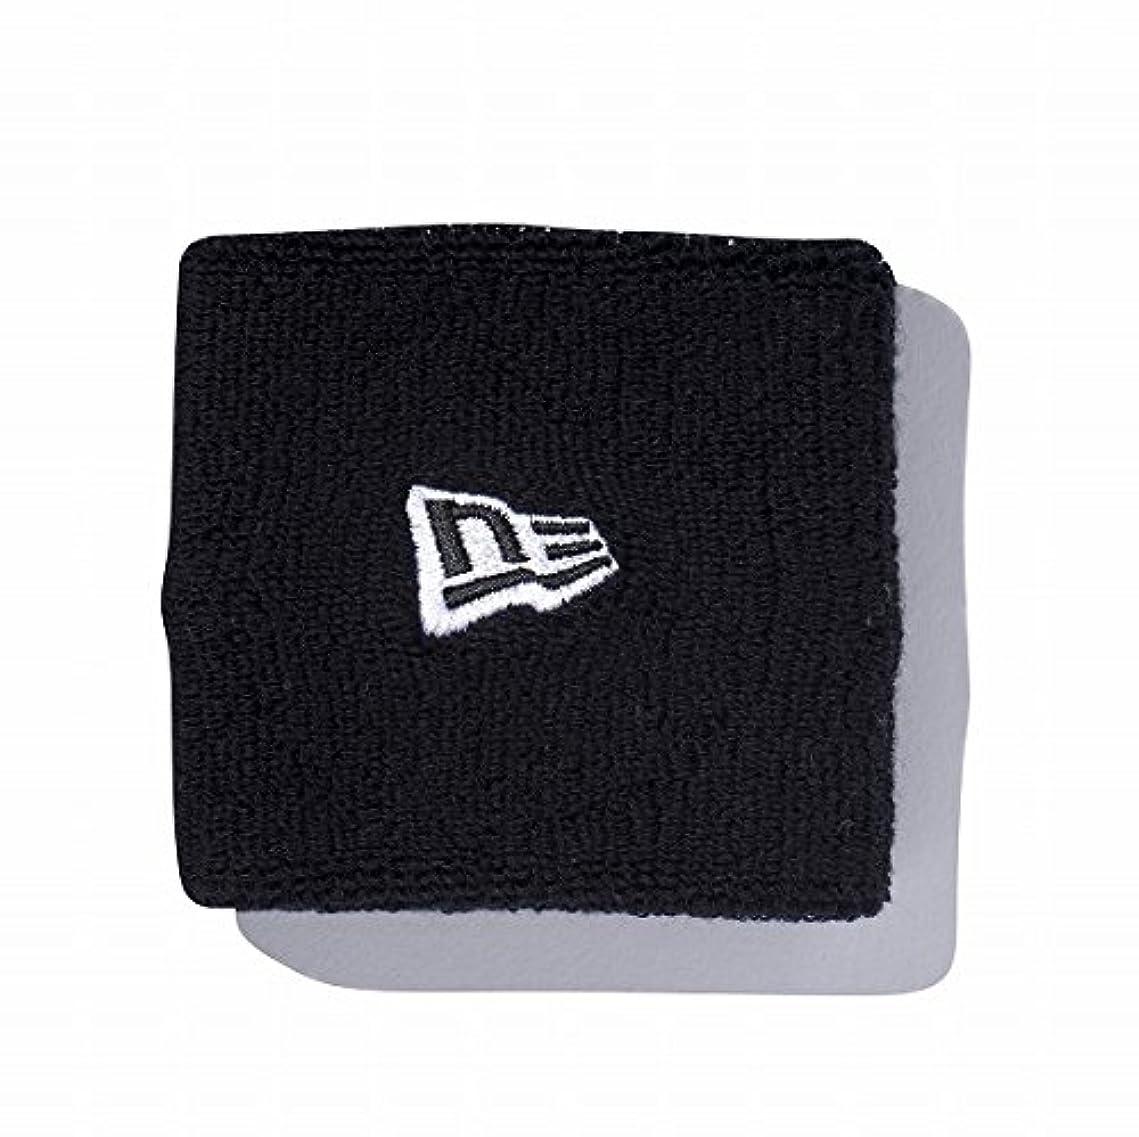 蒸留バス施しニューエラ (NEWERA) リストバンド ブラック × ホワイト スケートボード 刺繍